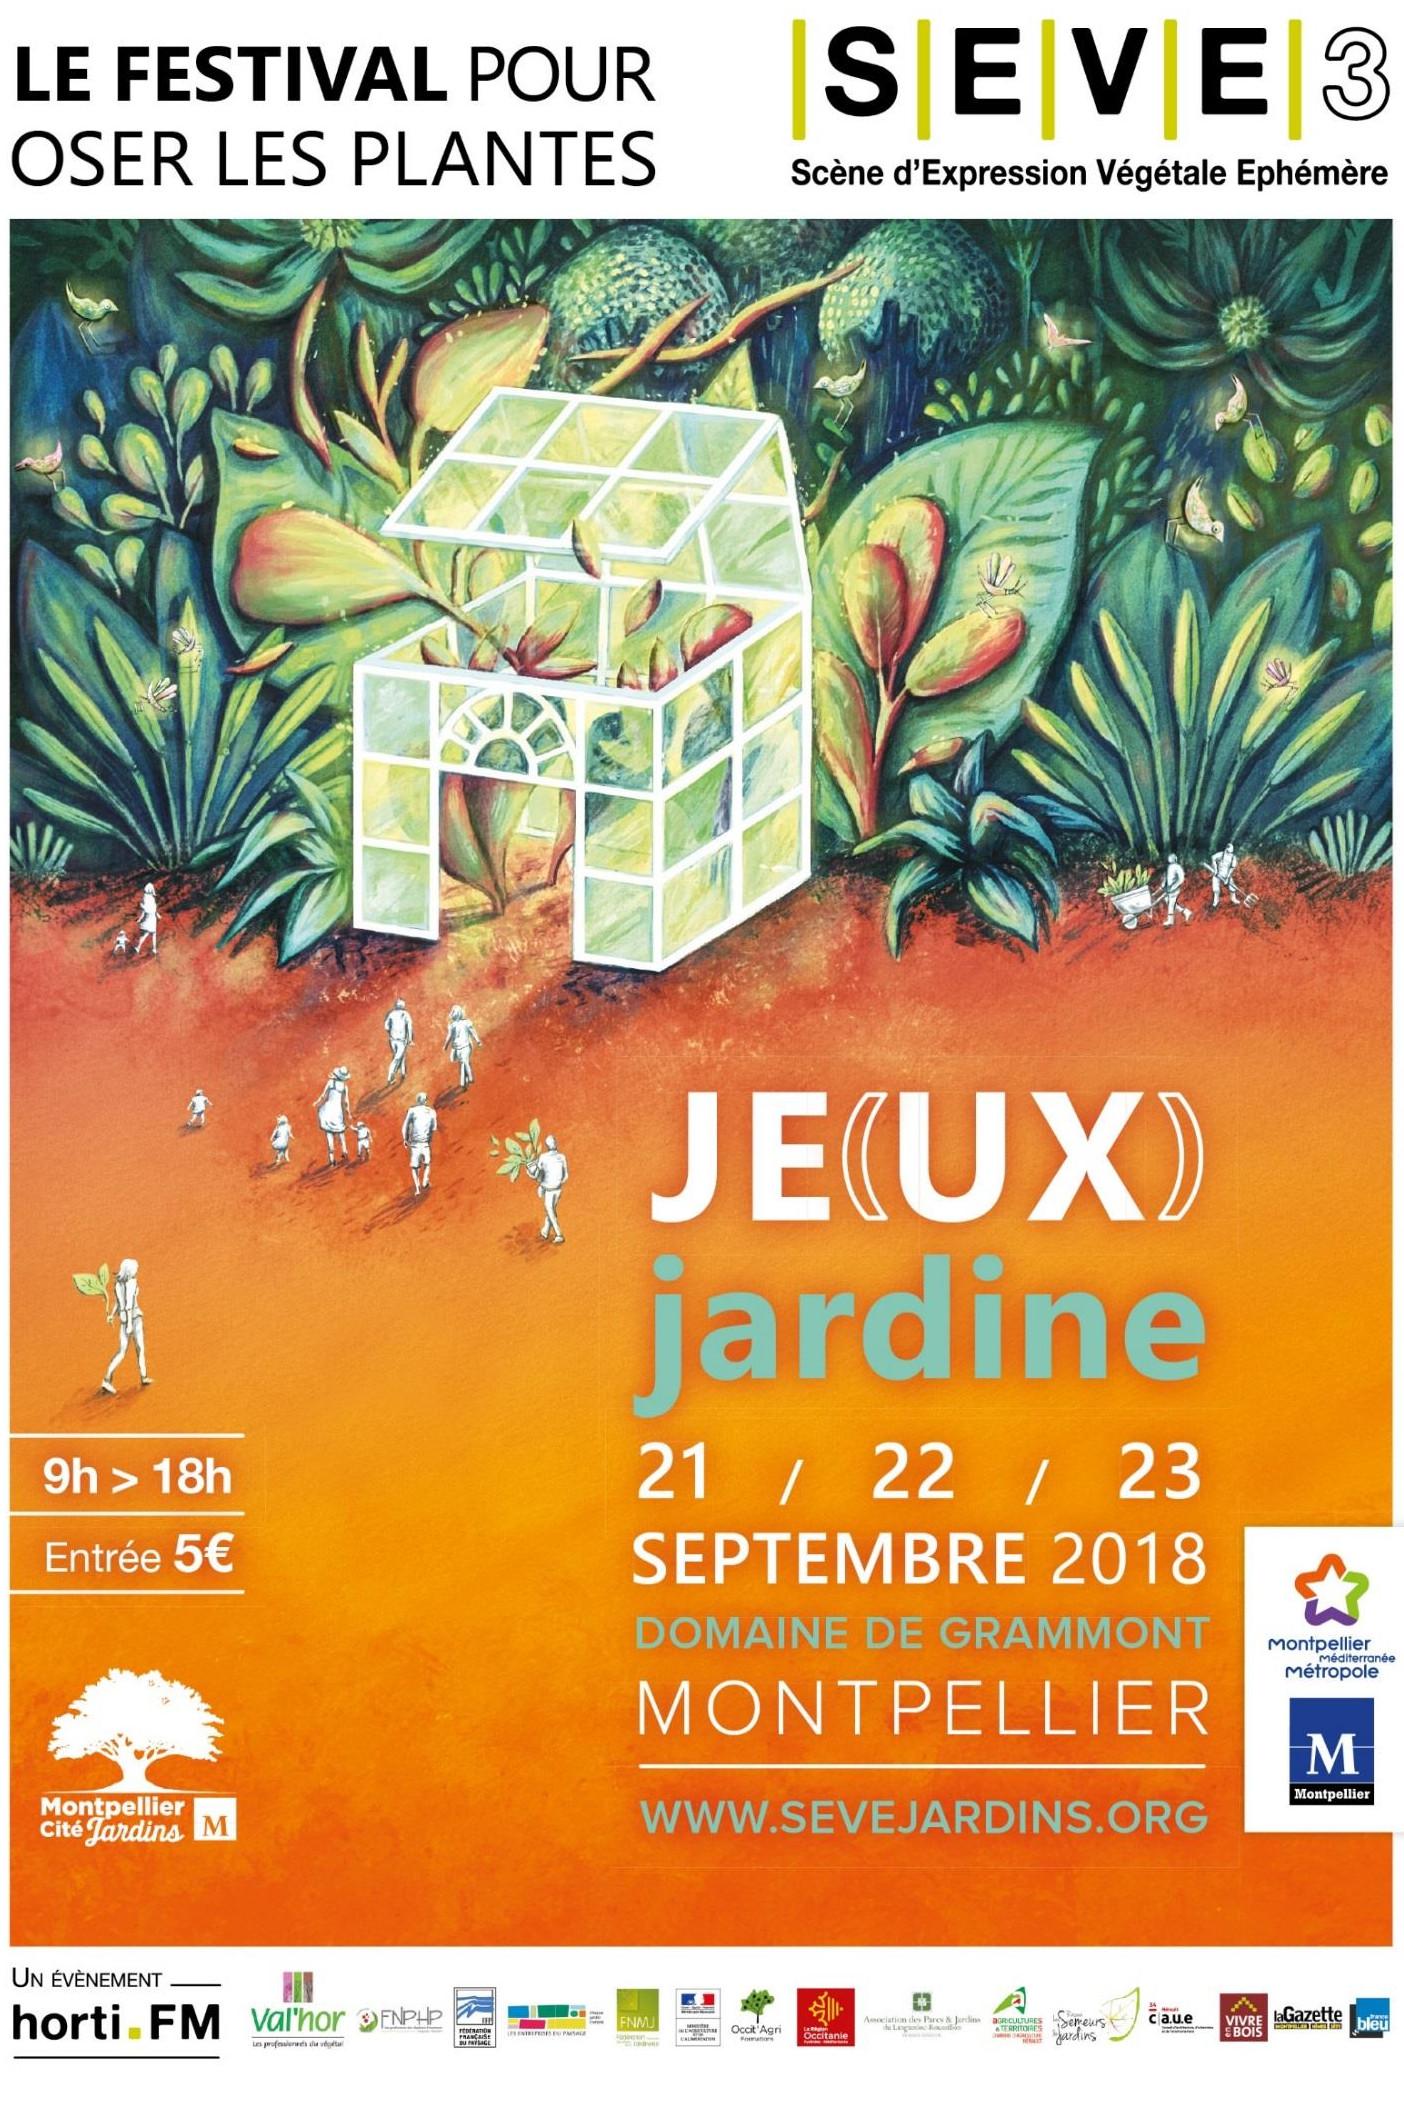 SEVE - Affiche du festival